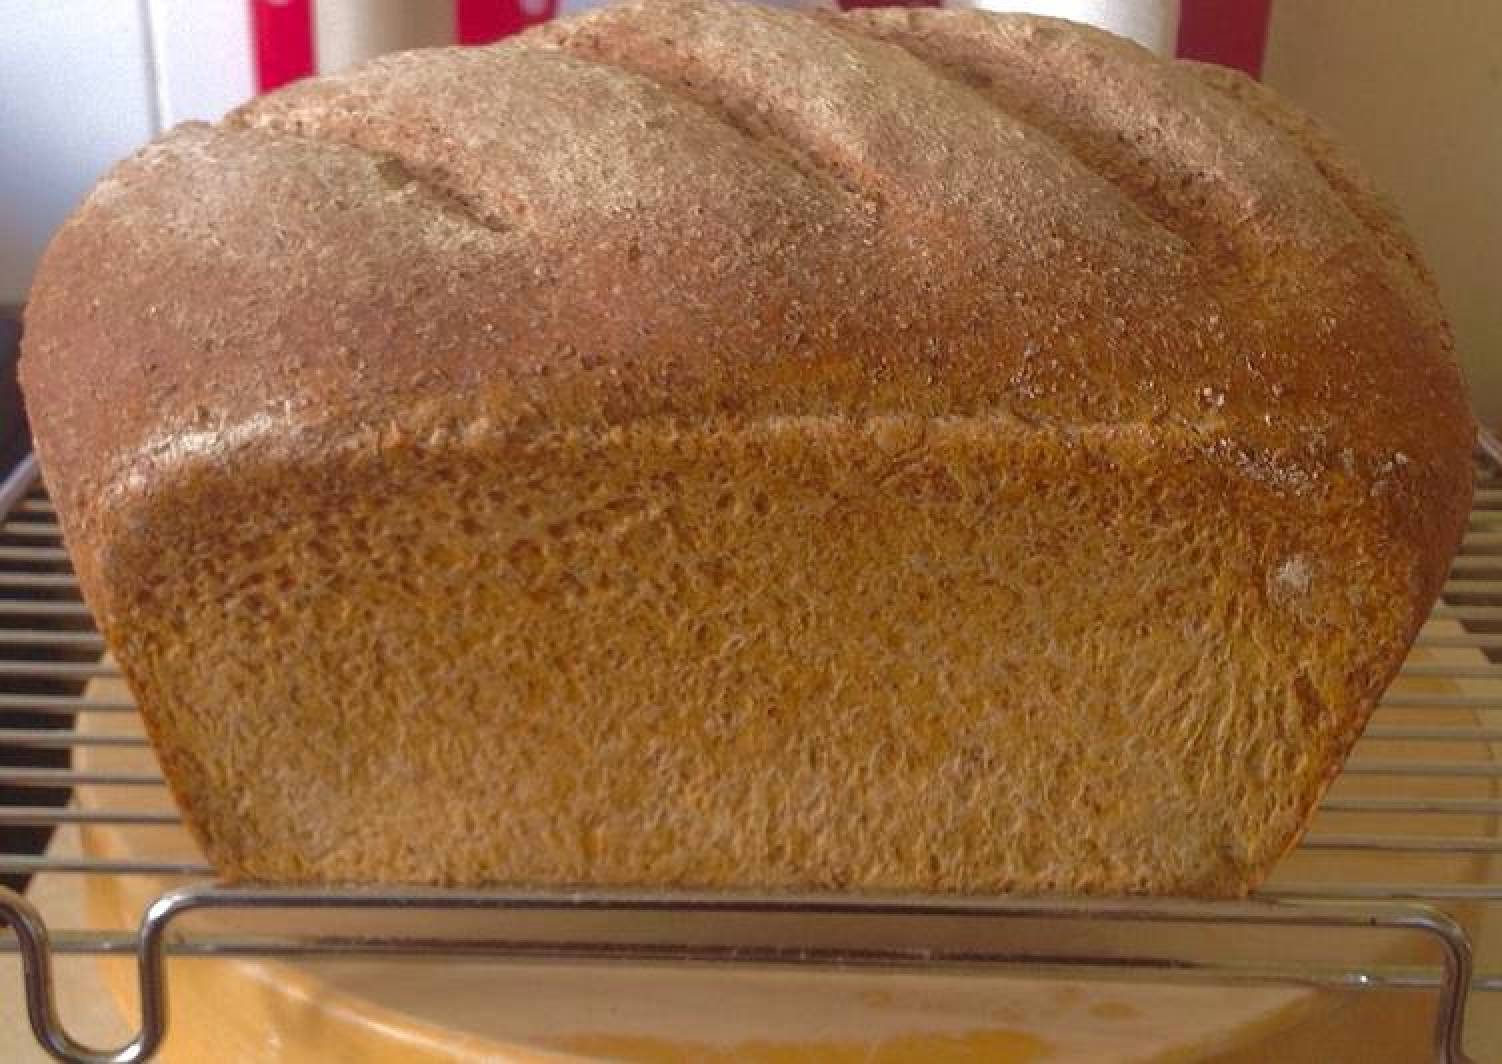 Stone ground whole wheat artisan bread